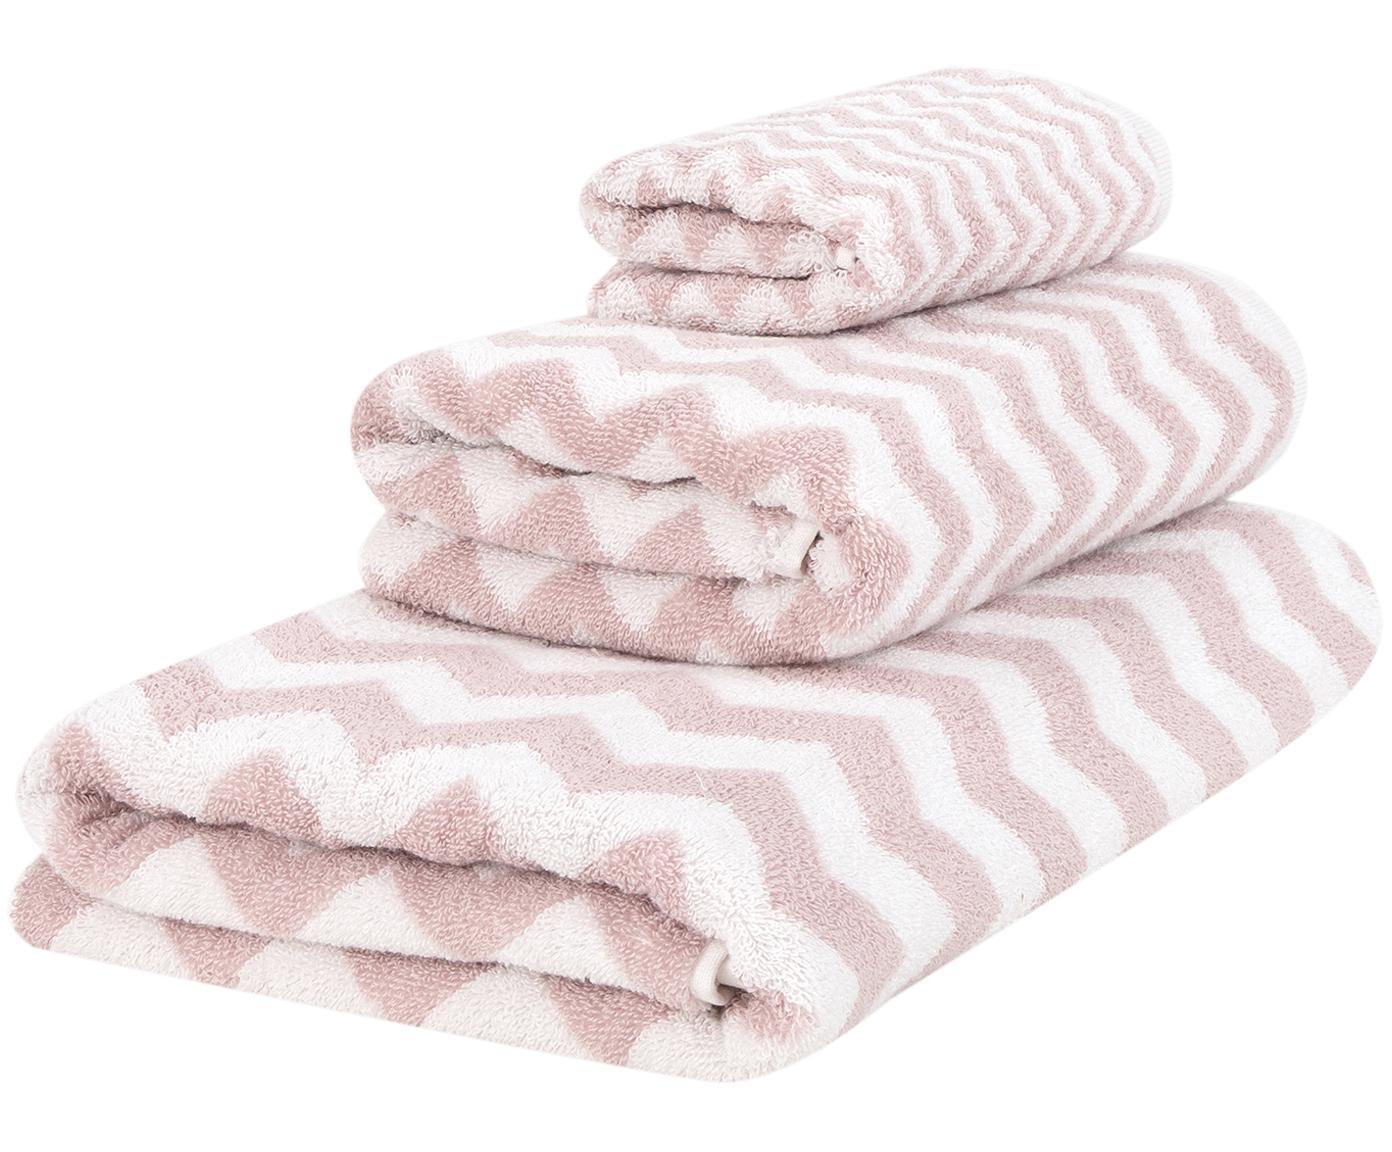 Handtuch-Set Liv mit Zickzack-Muster, 3-tlg., Rosa, Cremeweiß, Sondergrößen